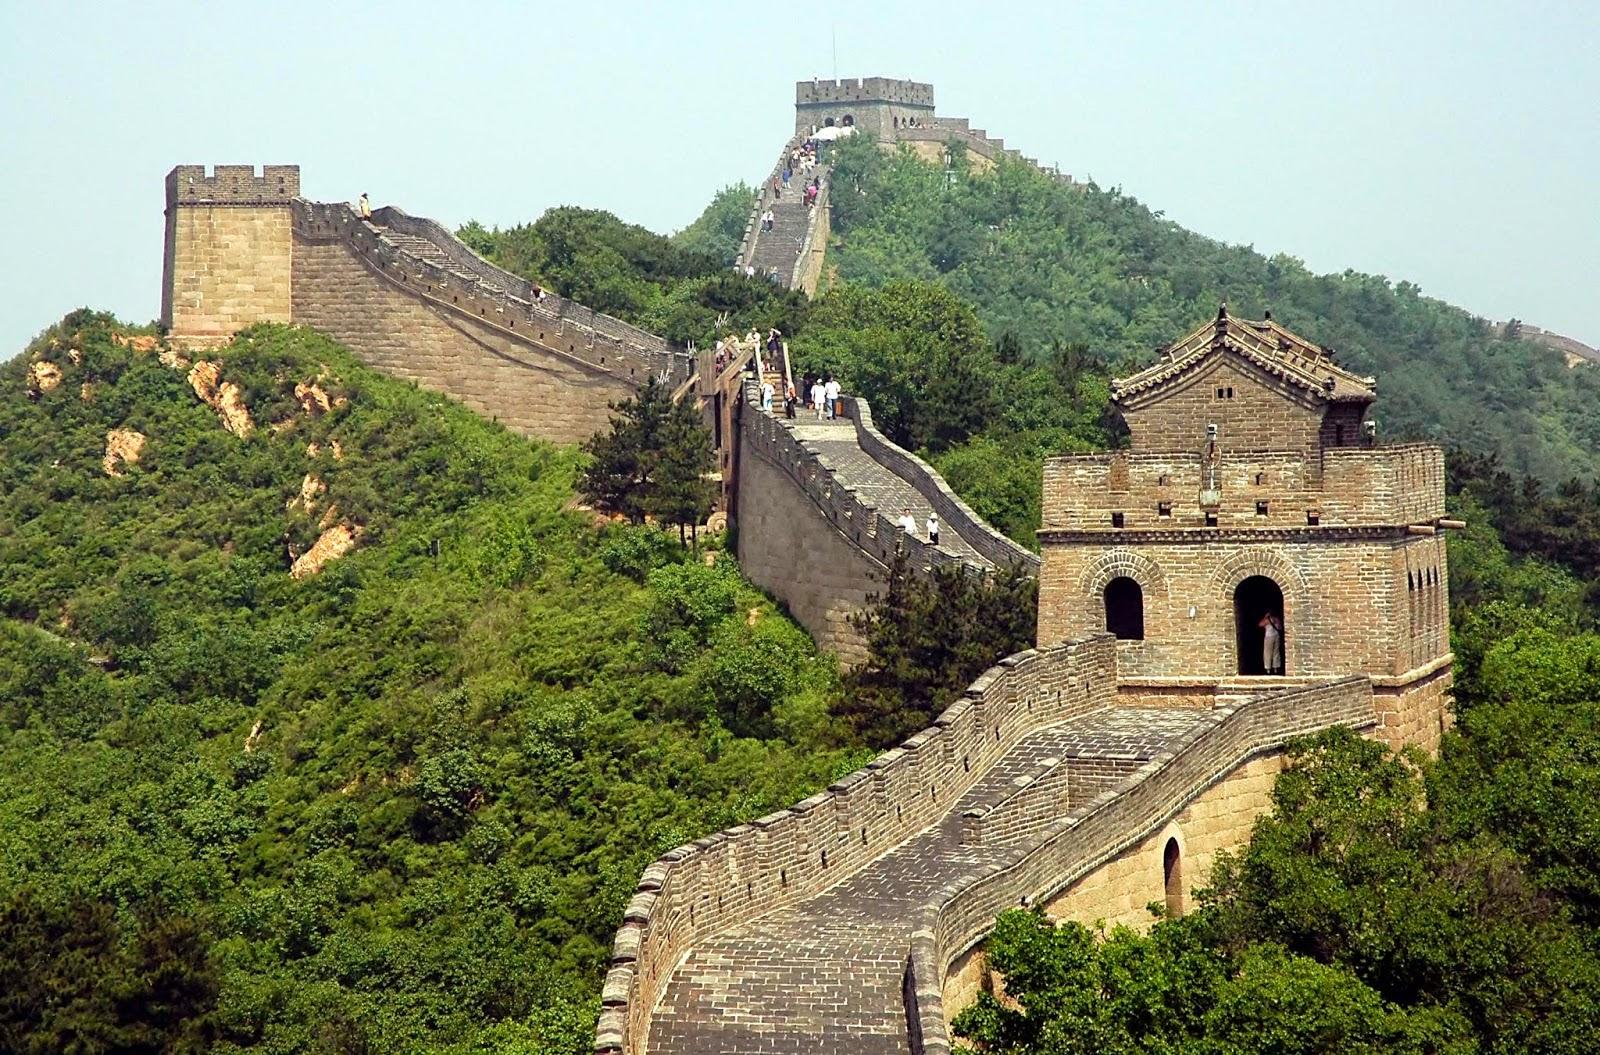 عجائب الدنيا السبع الجديدة - سور الصين العظيم